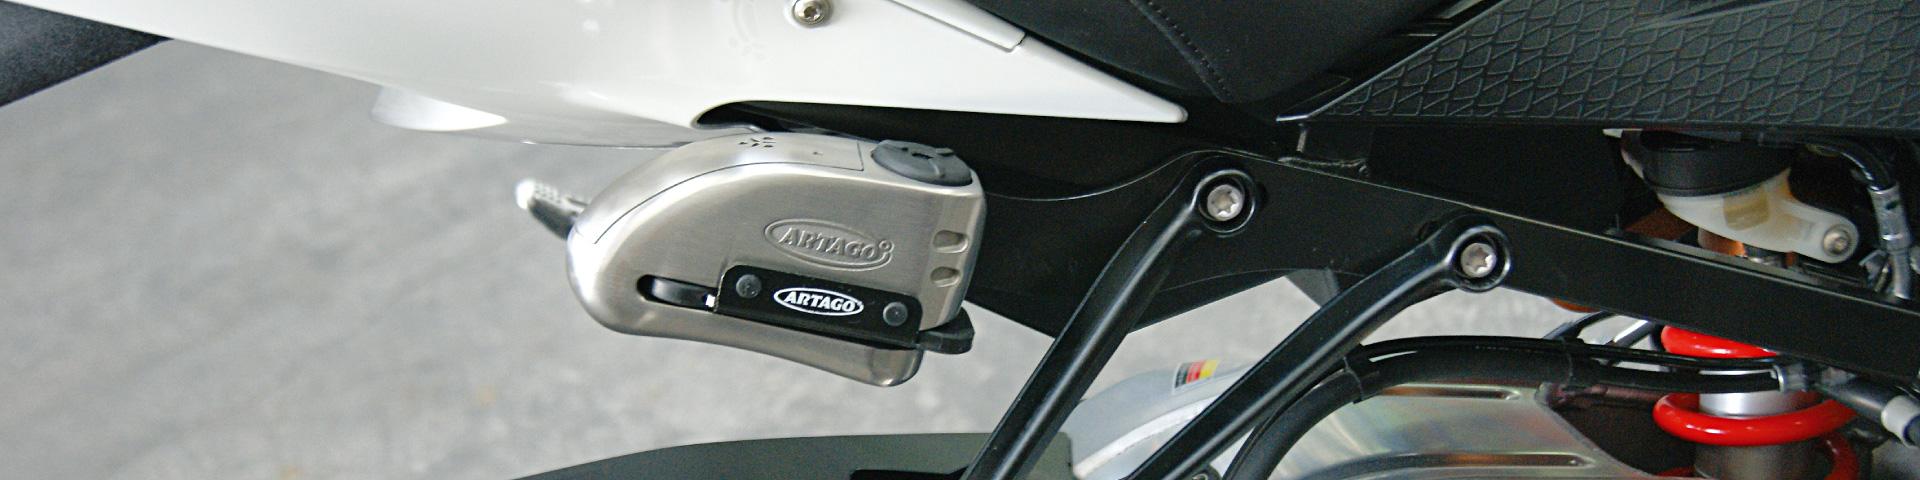 Antirrobo disco con alarma para moto y scooter